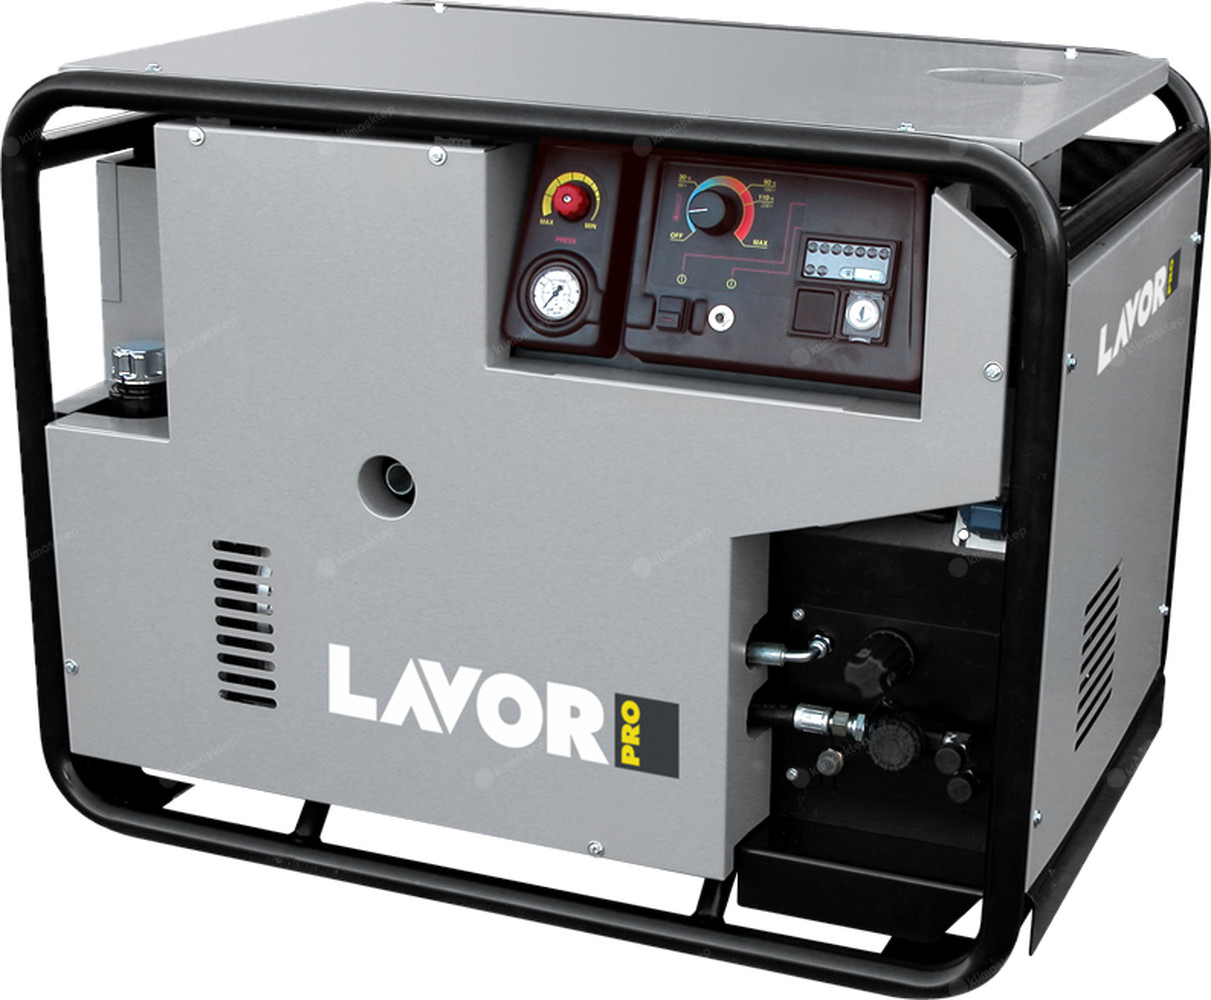 Spalinowa myjka wysokociśnieniowa Lavor Thermic 17 HW